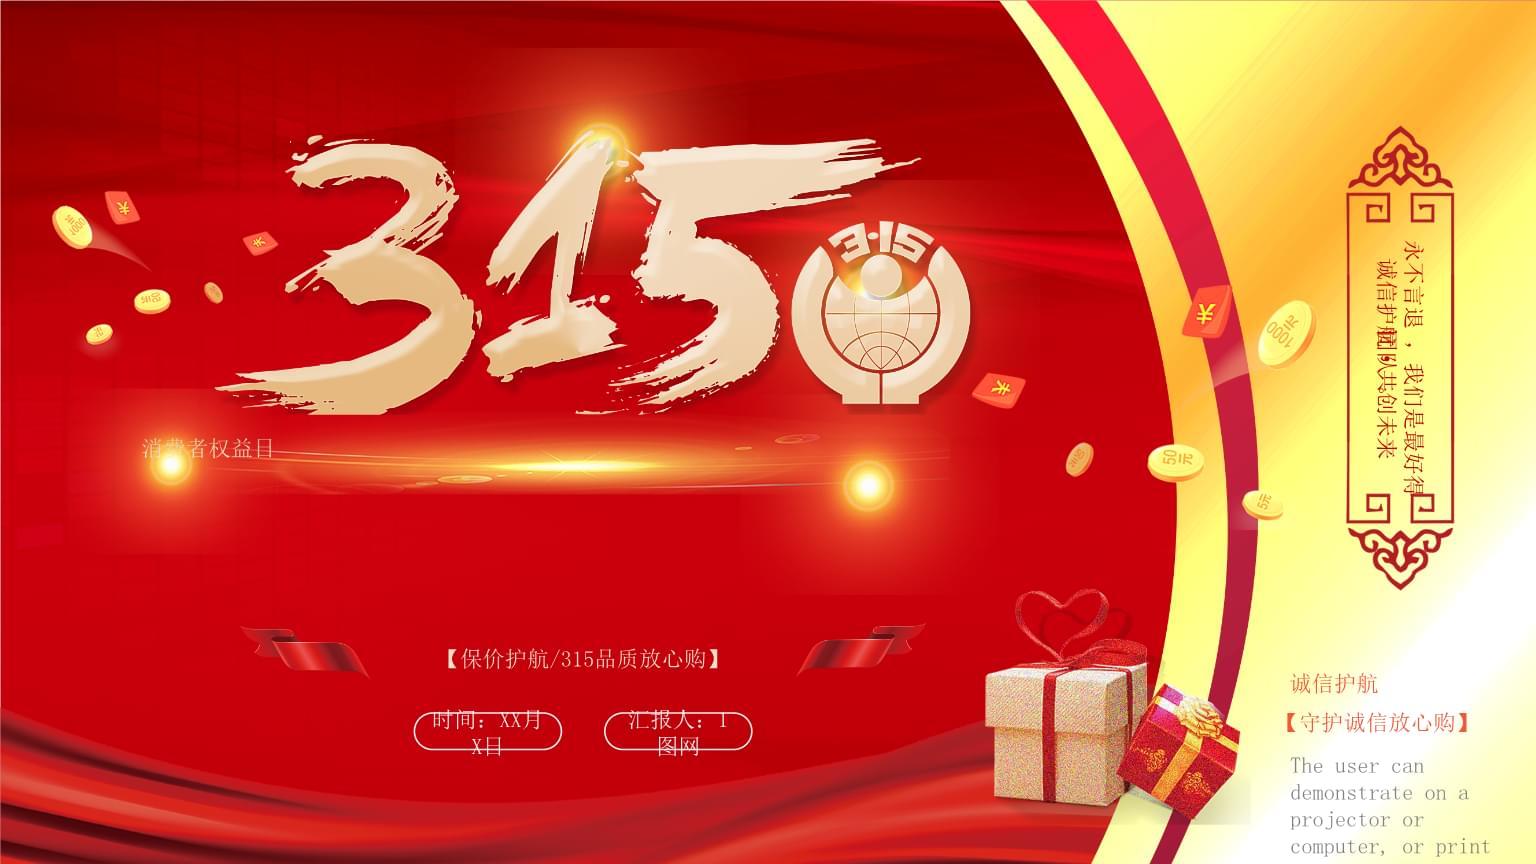 消费者权益日PPT模板315国际消费者维权日宣传课件中小学主题班会 (43).pptx